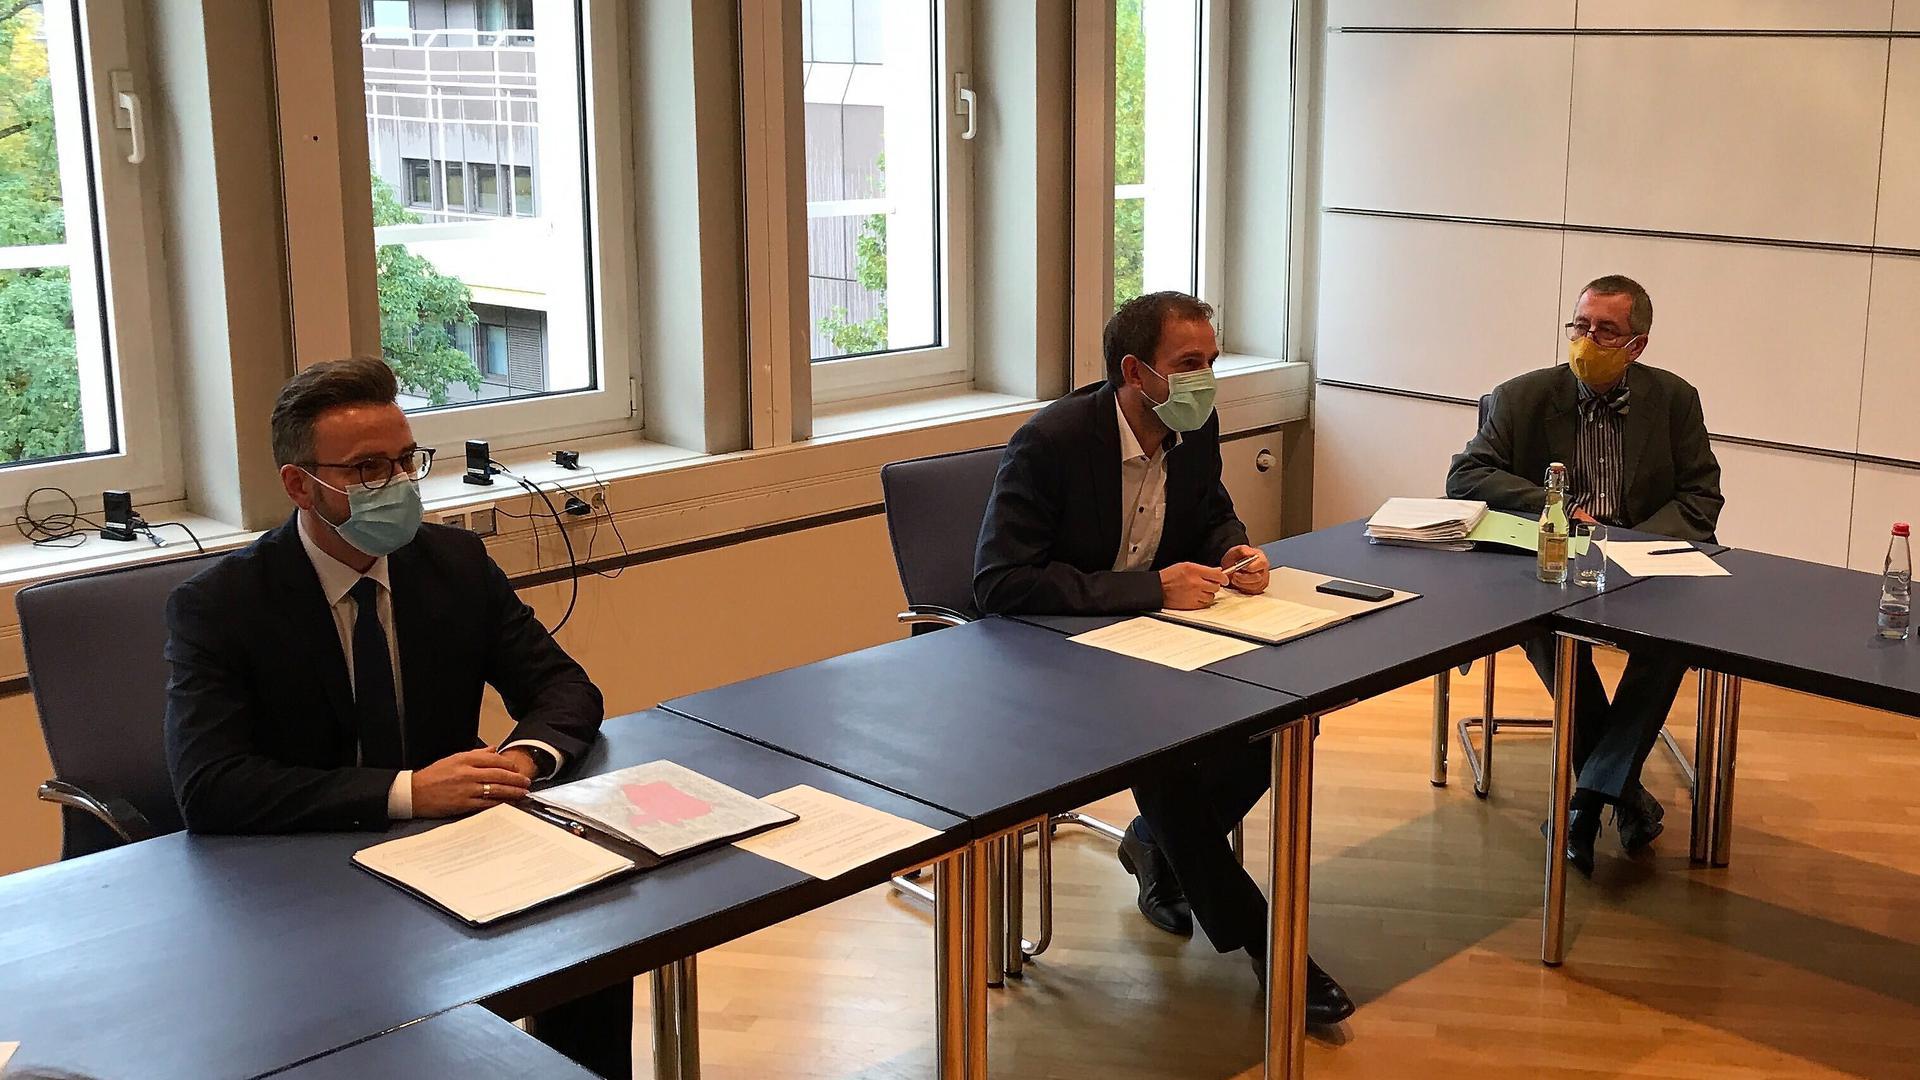 Drastische Maßnahmen: OB Peter Boch und Landrat Bastian Rosenau informieren am Freitag im Landratsamt in Pforzheim über neue Corona-Beschränkungen